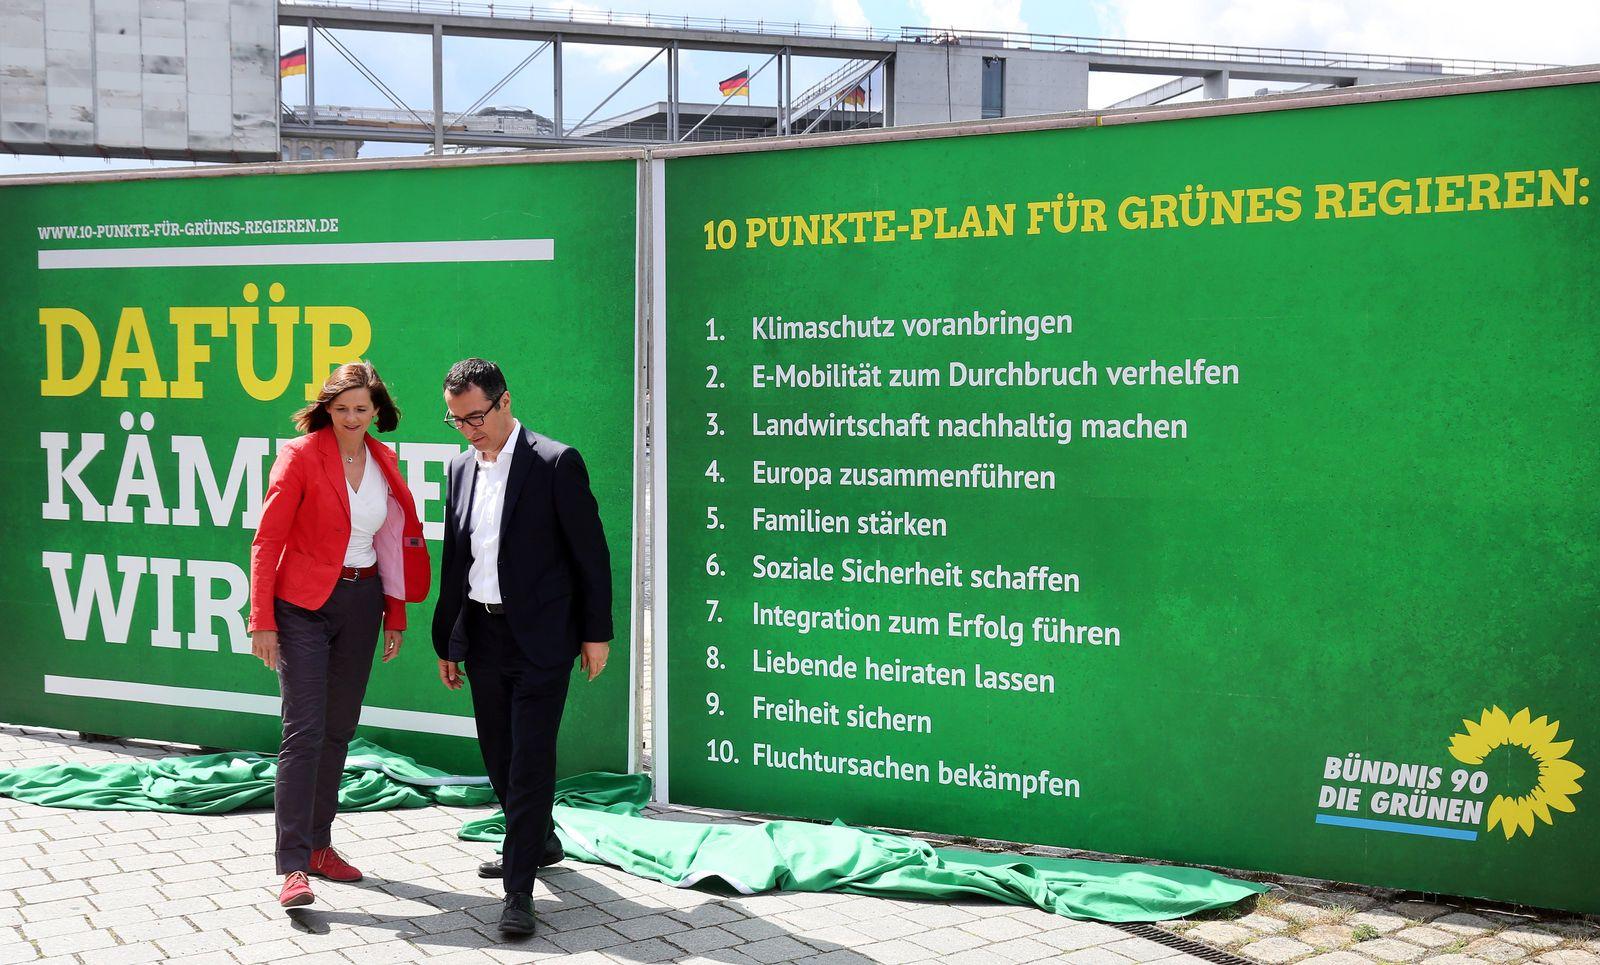 Grünen-Spitzenkandidaten zur Bundestagswahl